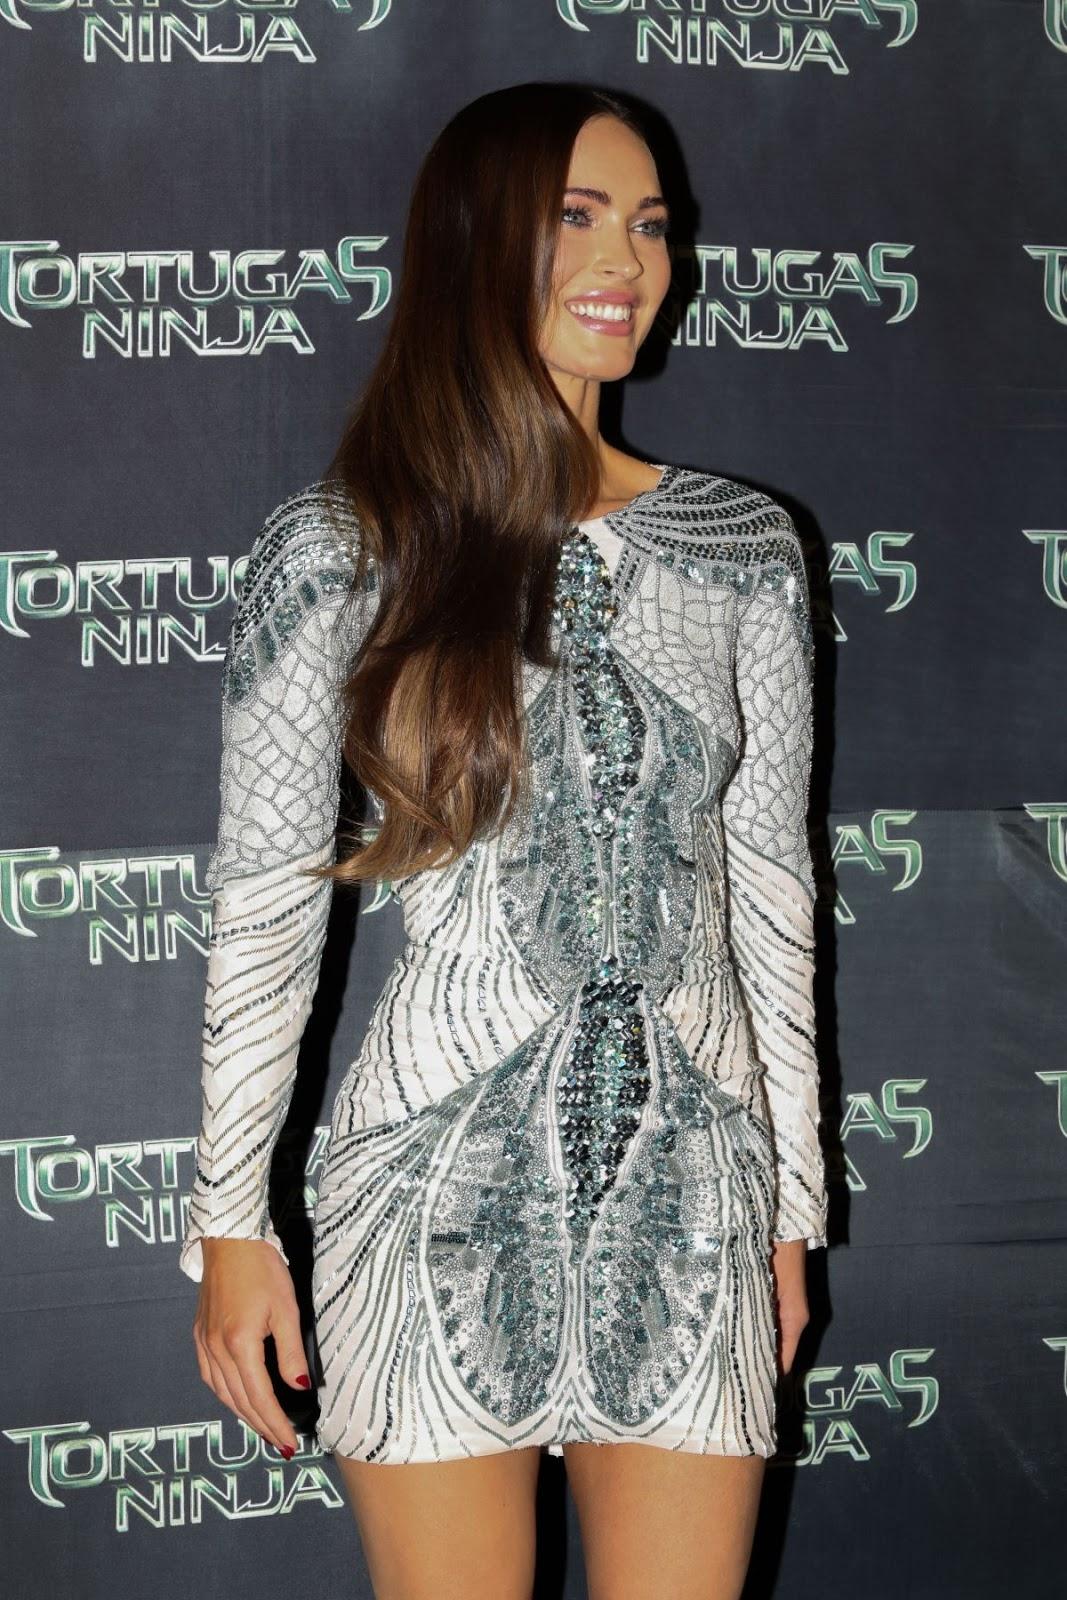 Megan Fox in Mini-dress at Teenage Mutant Ninja Turtles Mexico Premiere